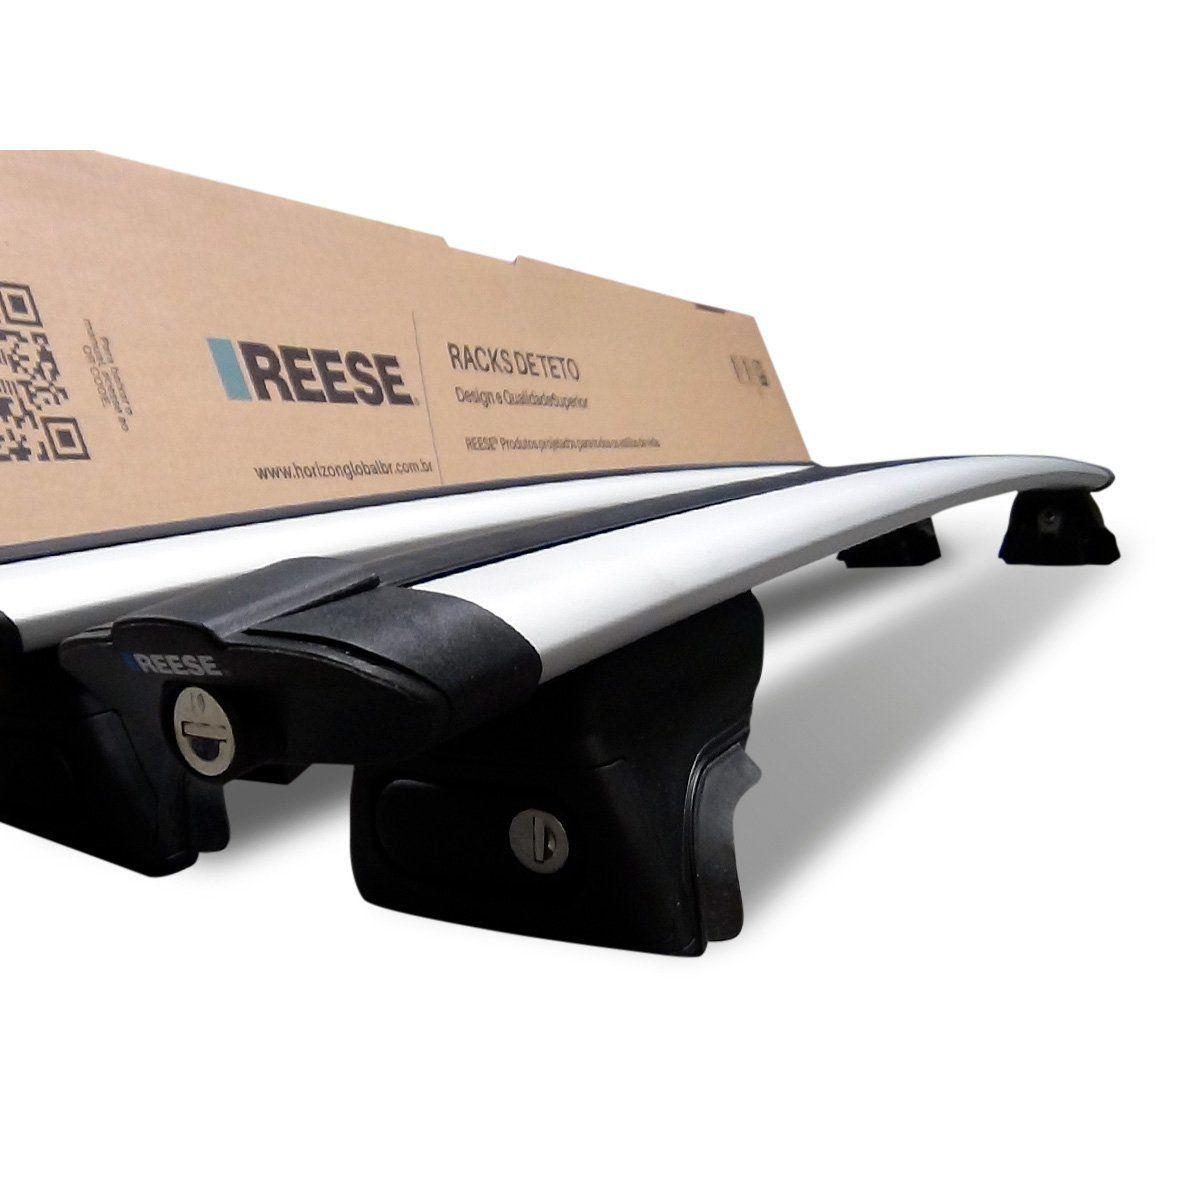 Rack de Teto Bagageiro Polo Virtus Onix Prisma Gol e Voyage Reese Prata Premium